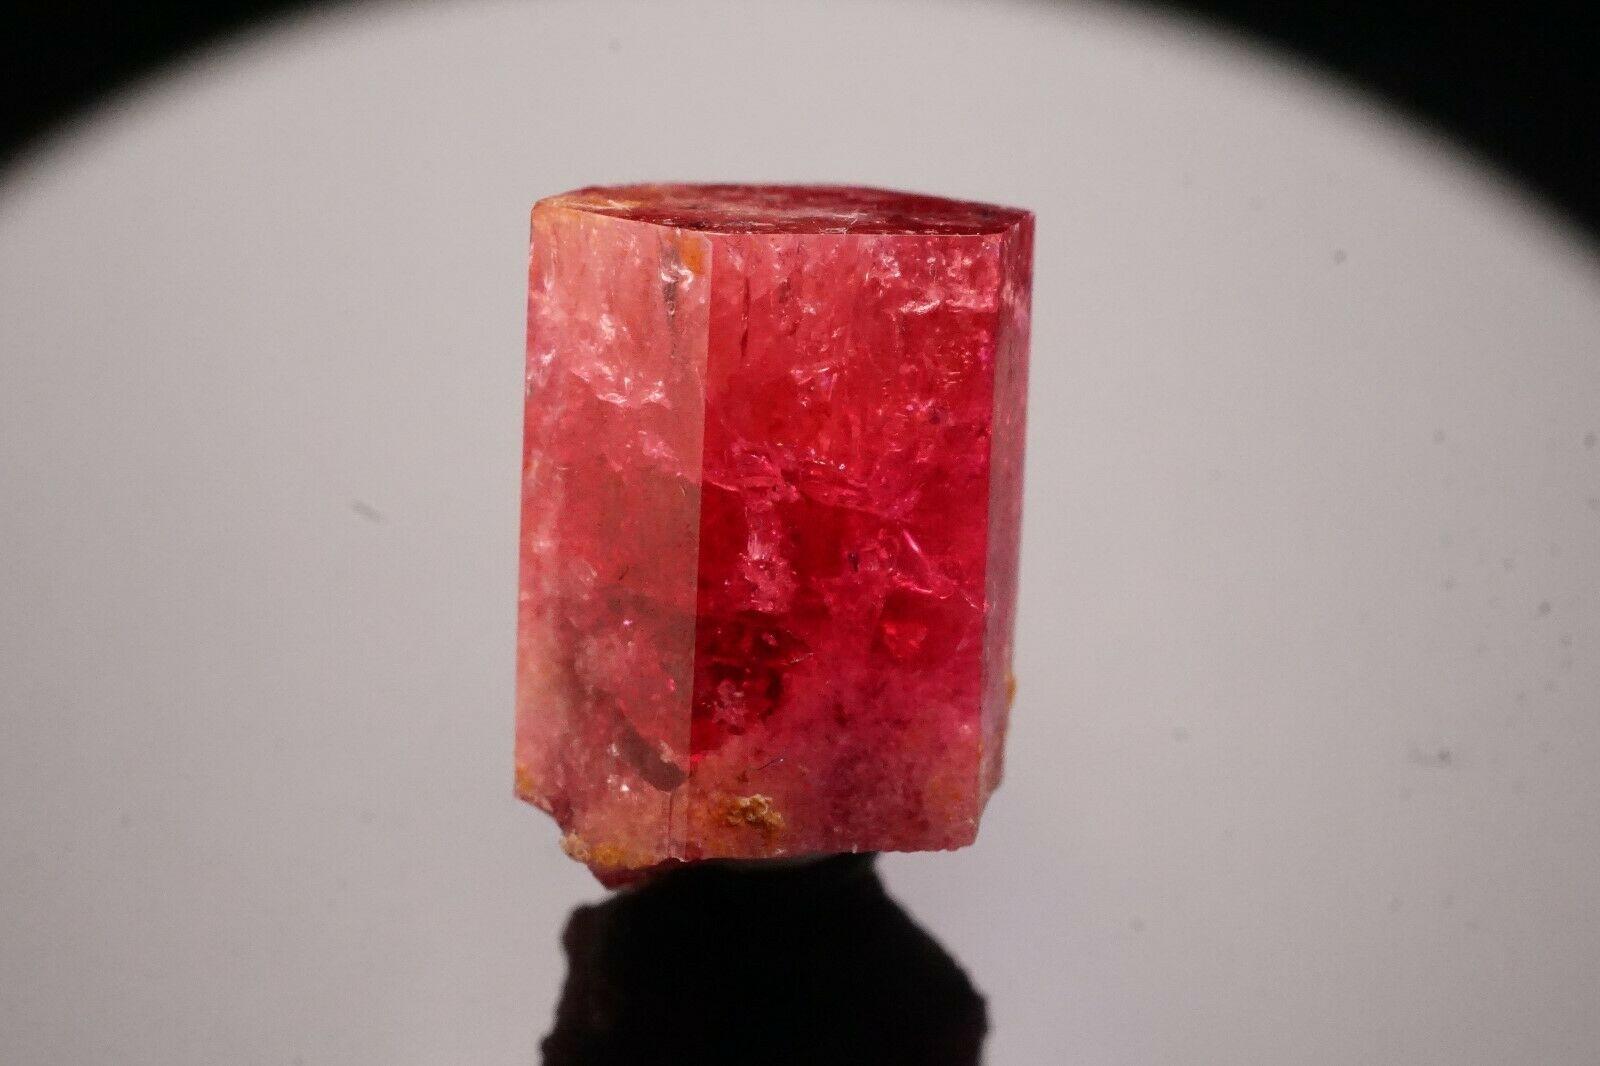 Details about RARE GEM Red Beryl Crystal WAH WAH MTS., UTAH #utahusa